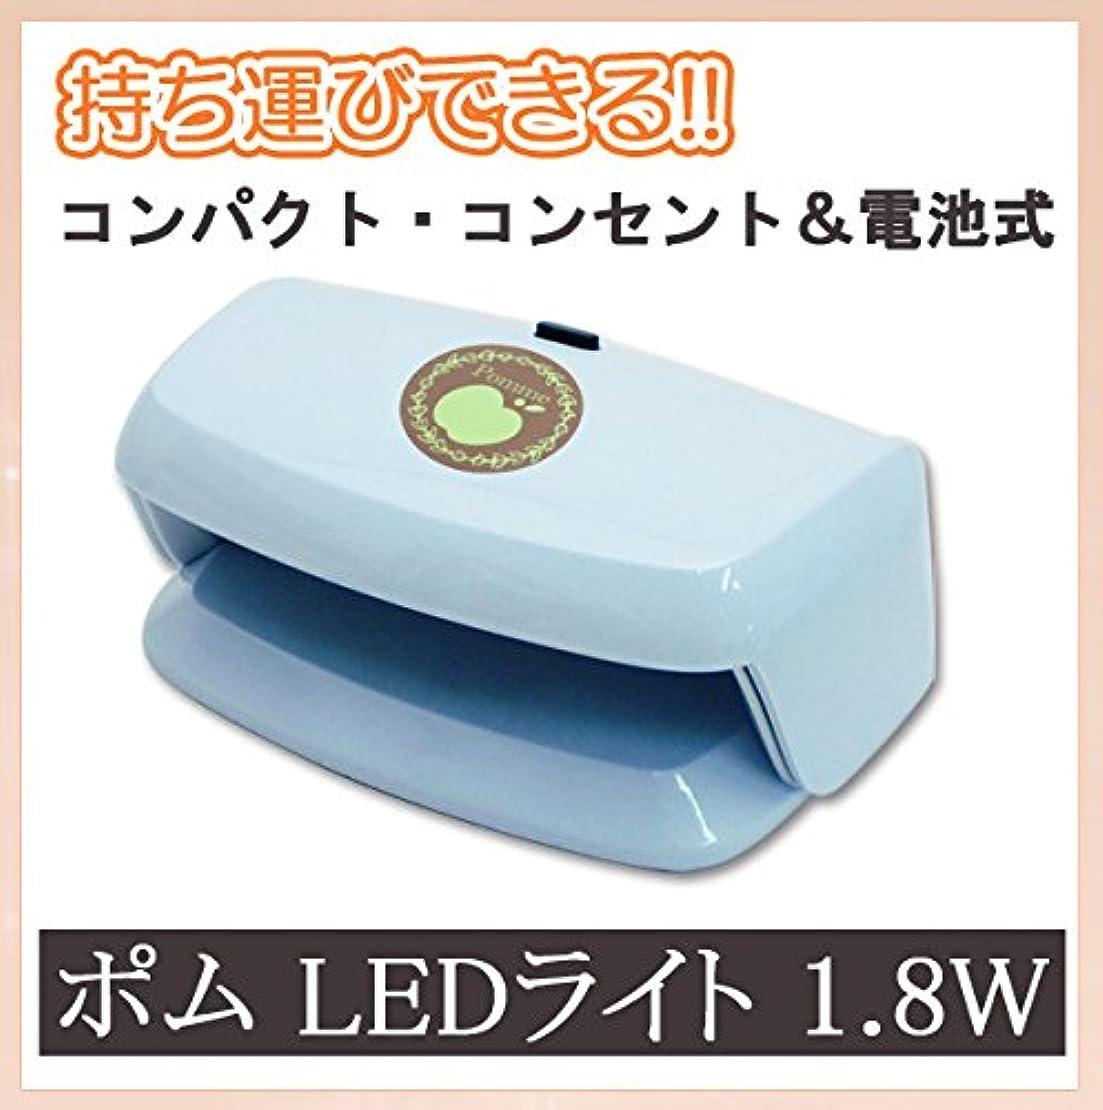 近代化好戦的な魚ポム LEDライト 1.8W